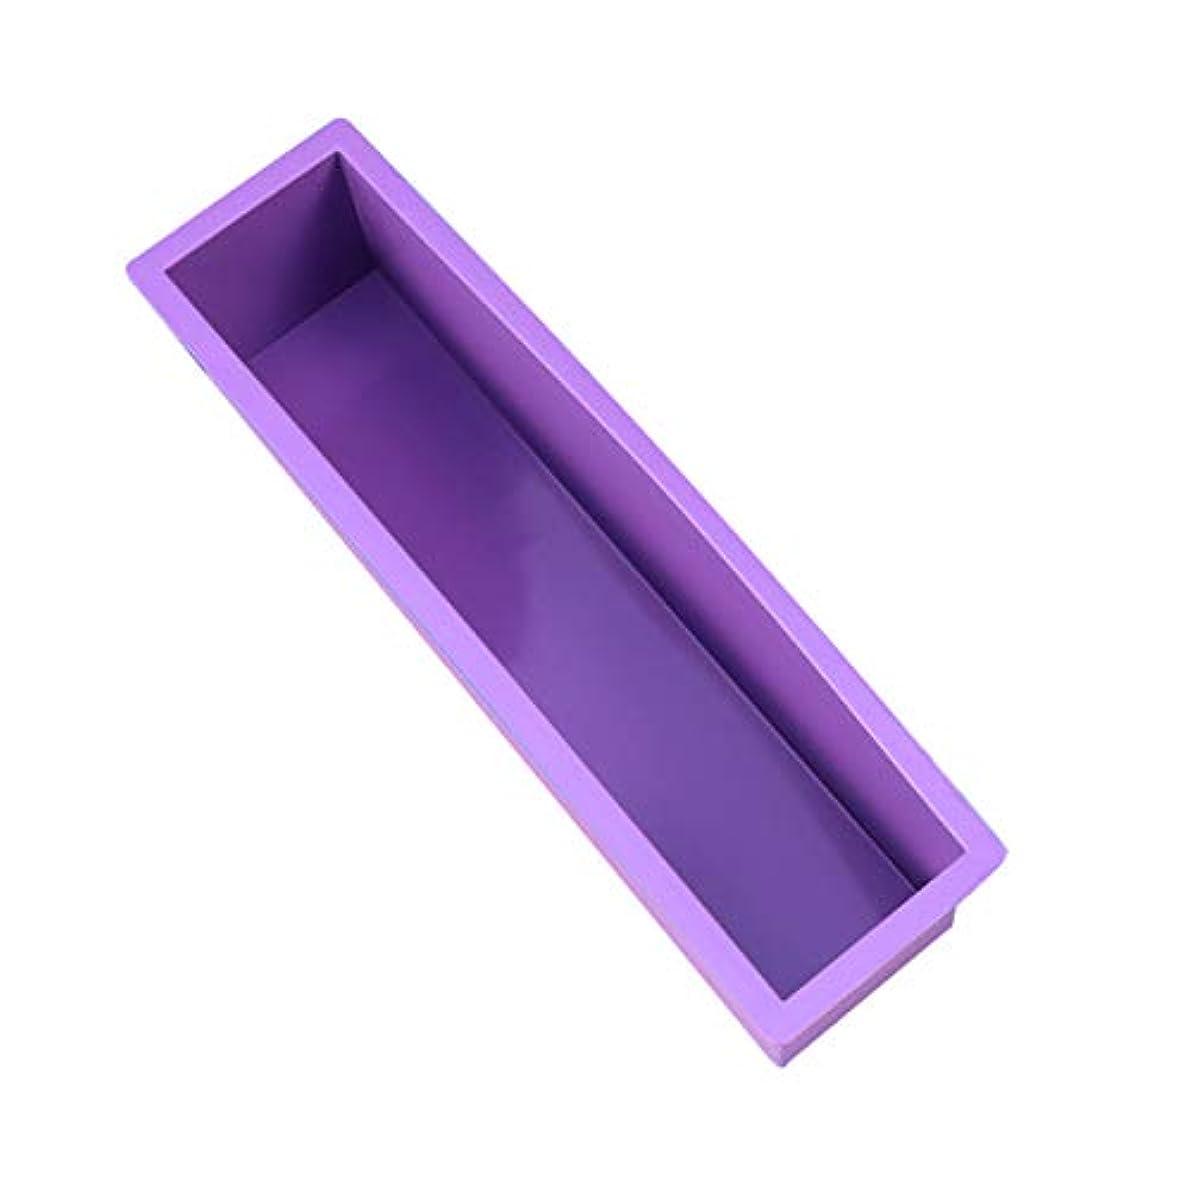 ごちそうはっきりしない若いHealifty DIYの石鹸金型スクエアラウンドオーバル金型木製ボックスサイズなしの手作り金型 - S(紫)